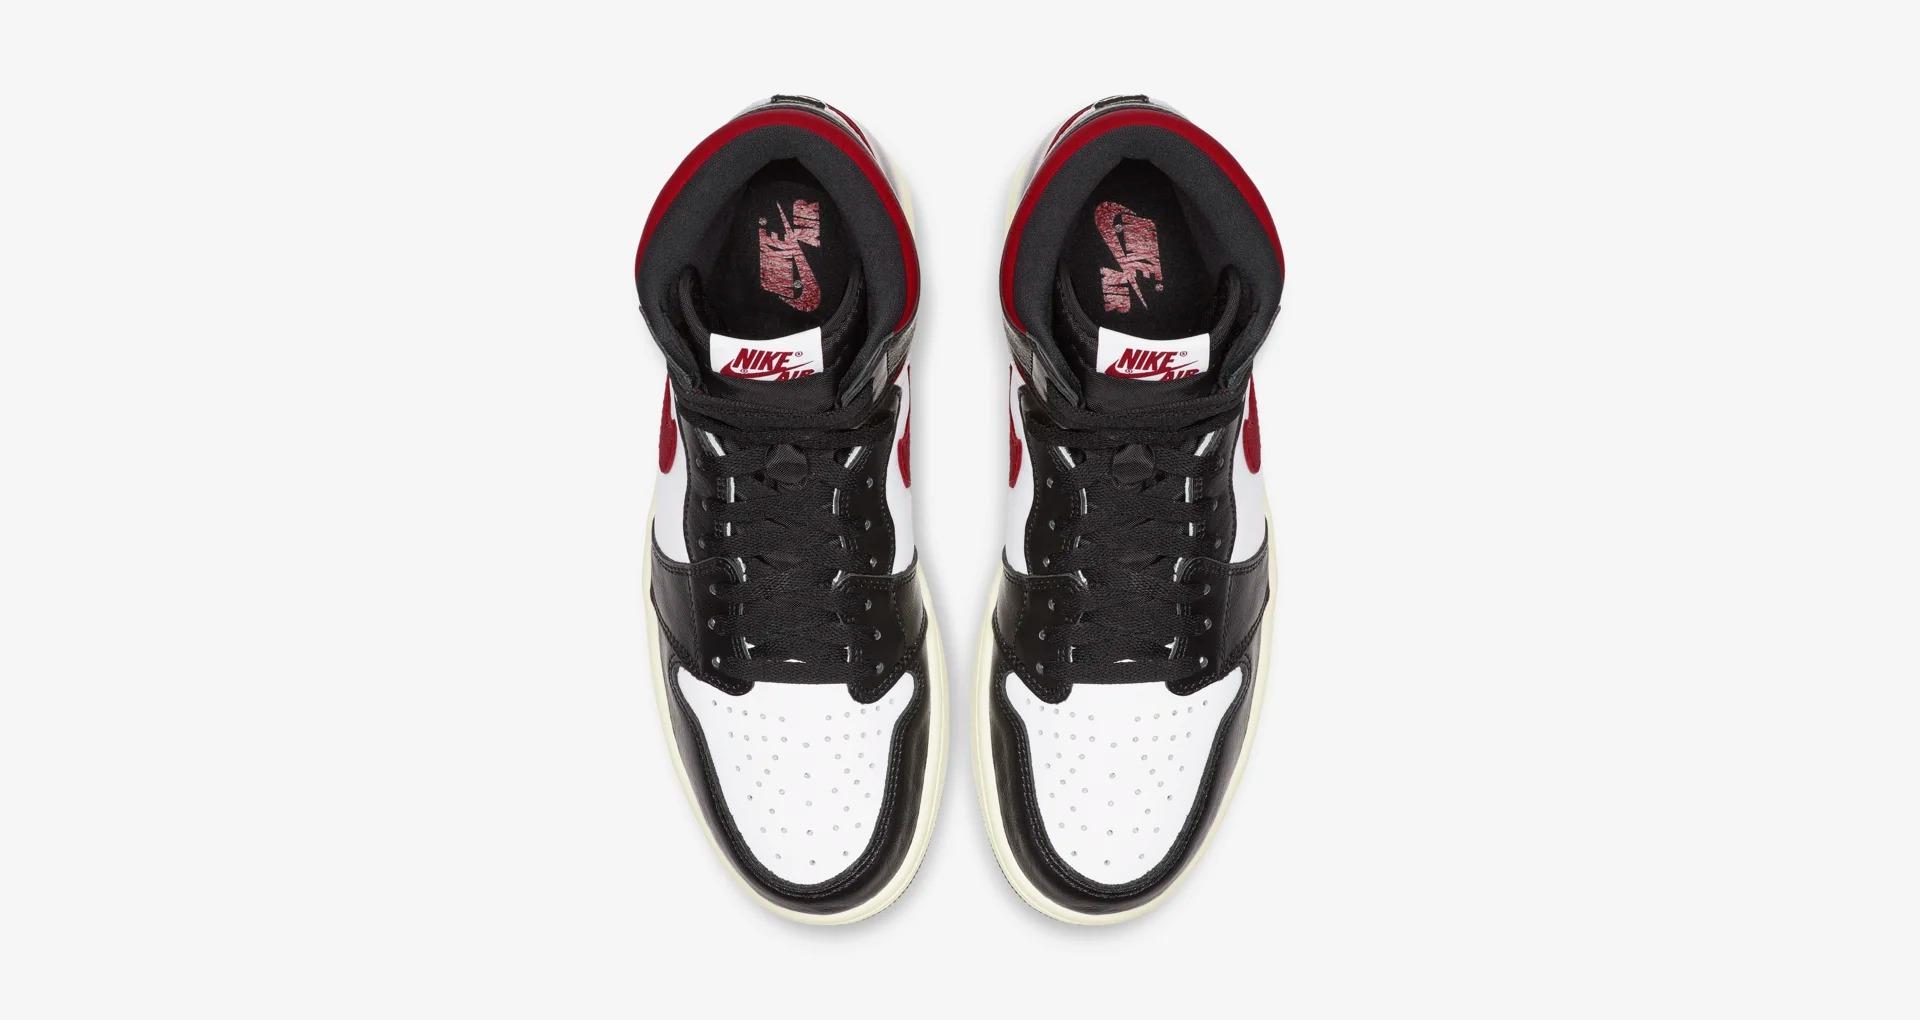 555088 061 Air Jordan 1 High OG Gym Red 3